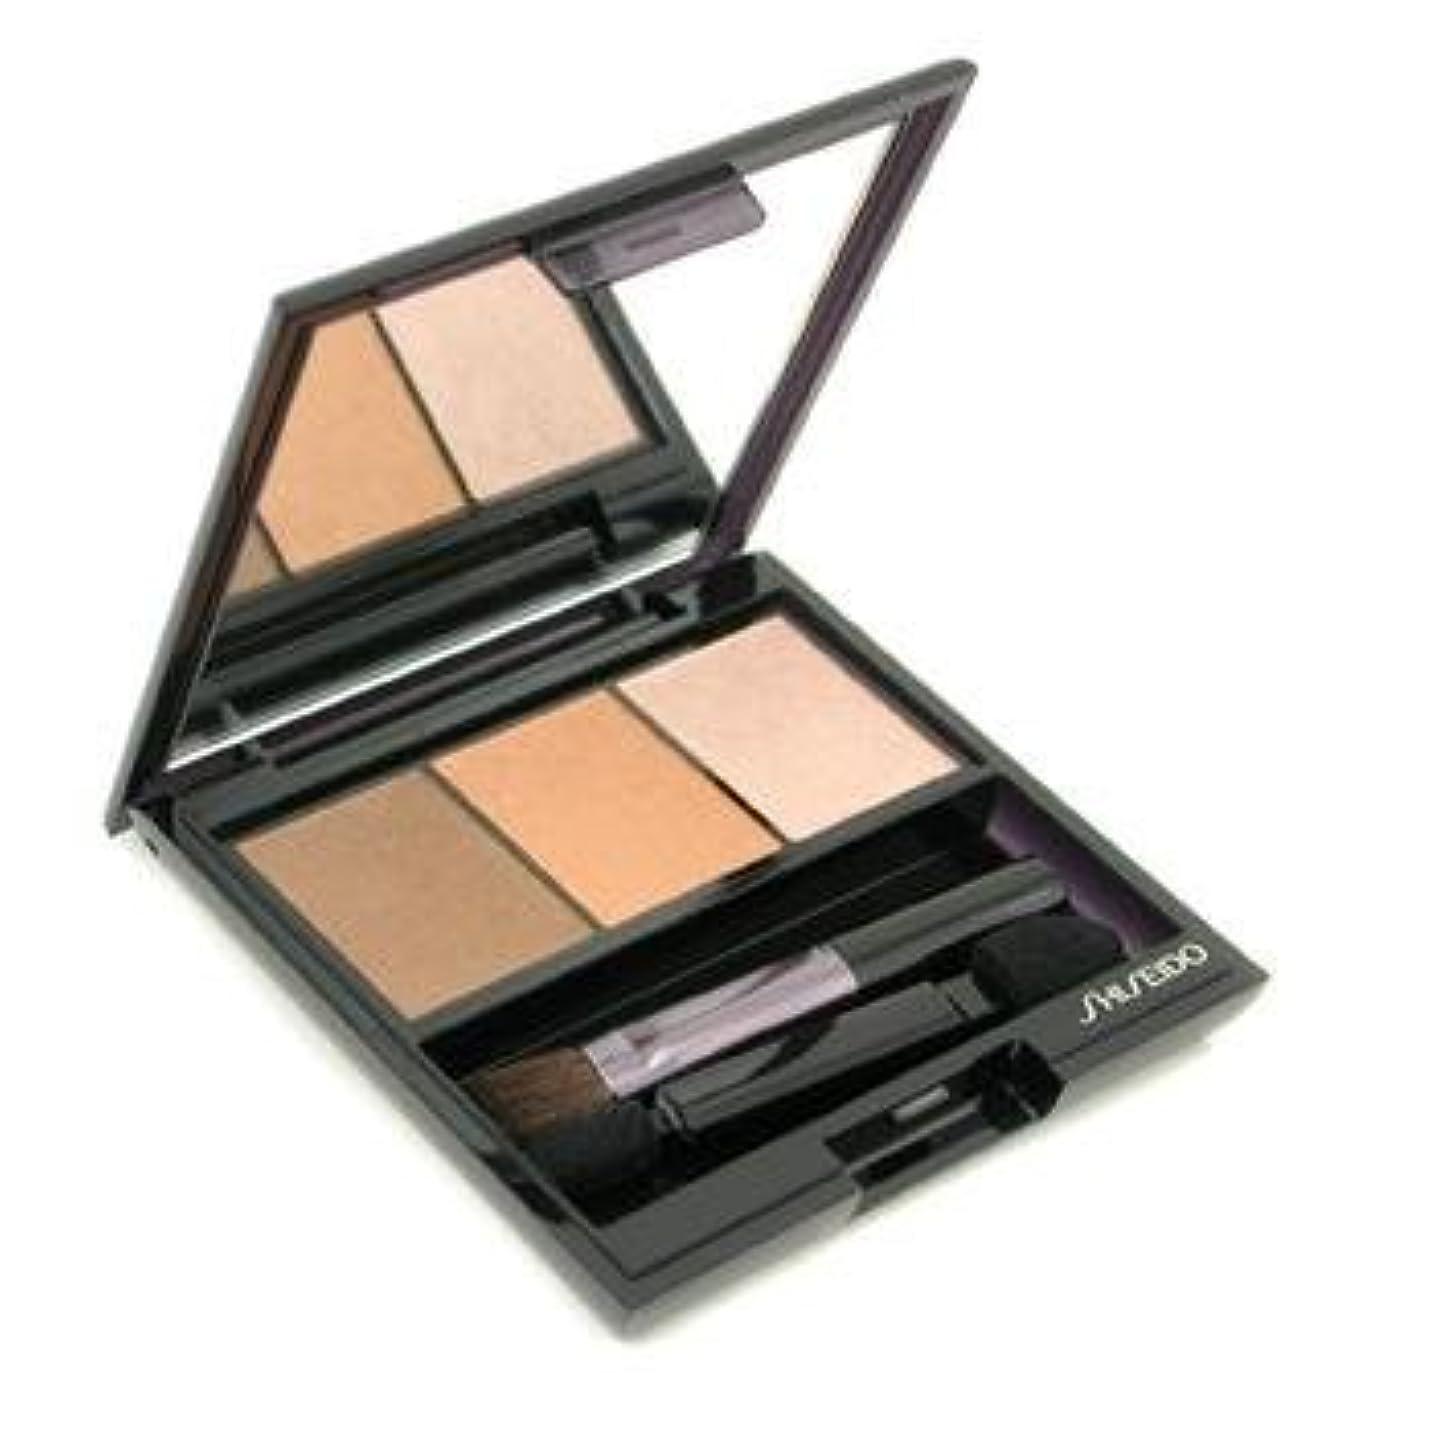 剃るアシスタント判決資生堂 ルミナイジング サテン アイカラー トリオ BR209(Shiseido Luminizing Satin Eye Color Trio BR209) [並行輸入品]